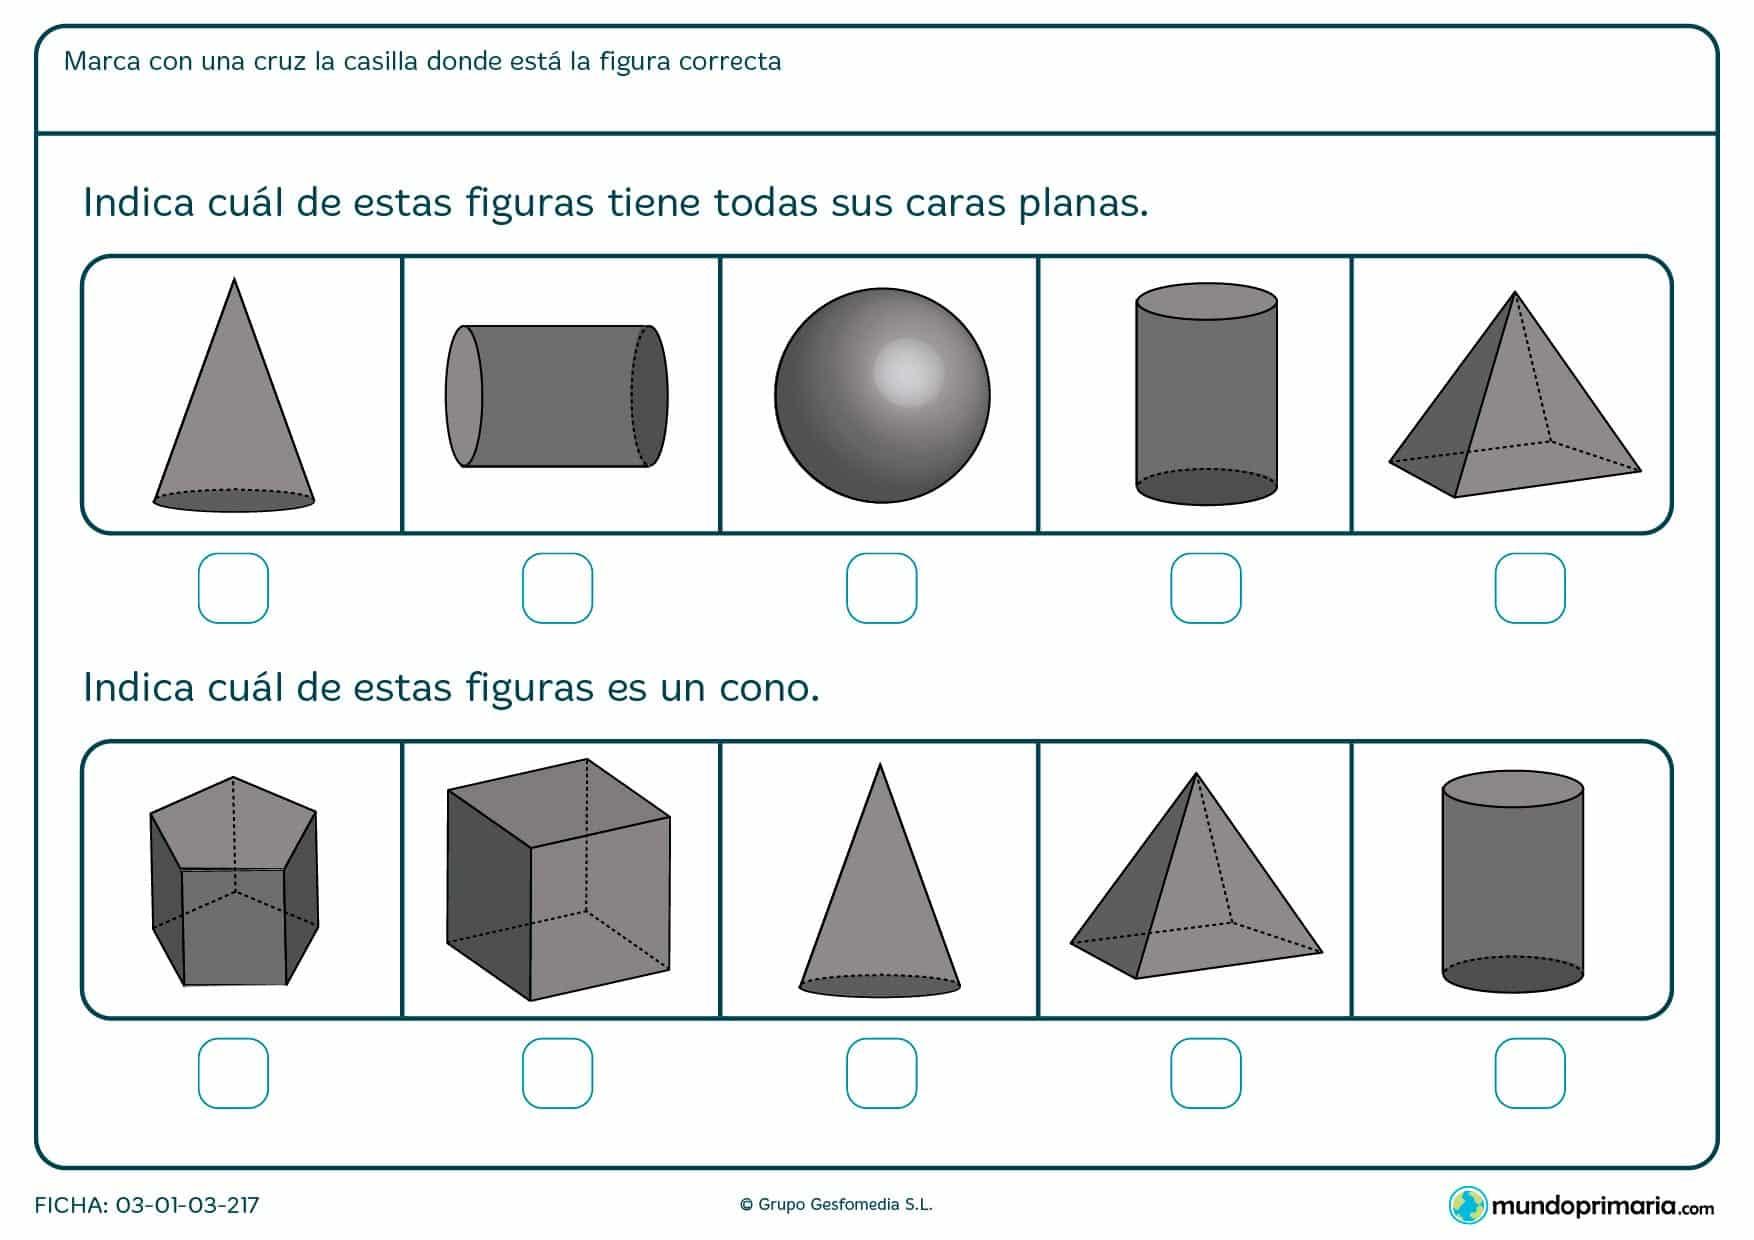 Ficha para niños de primaria destinada a familiarizarse con distintas formas e identificar figuras con caras planas o el cono.